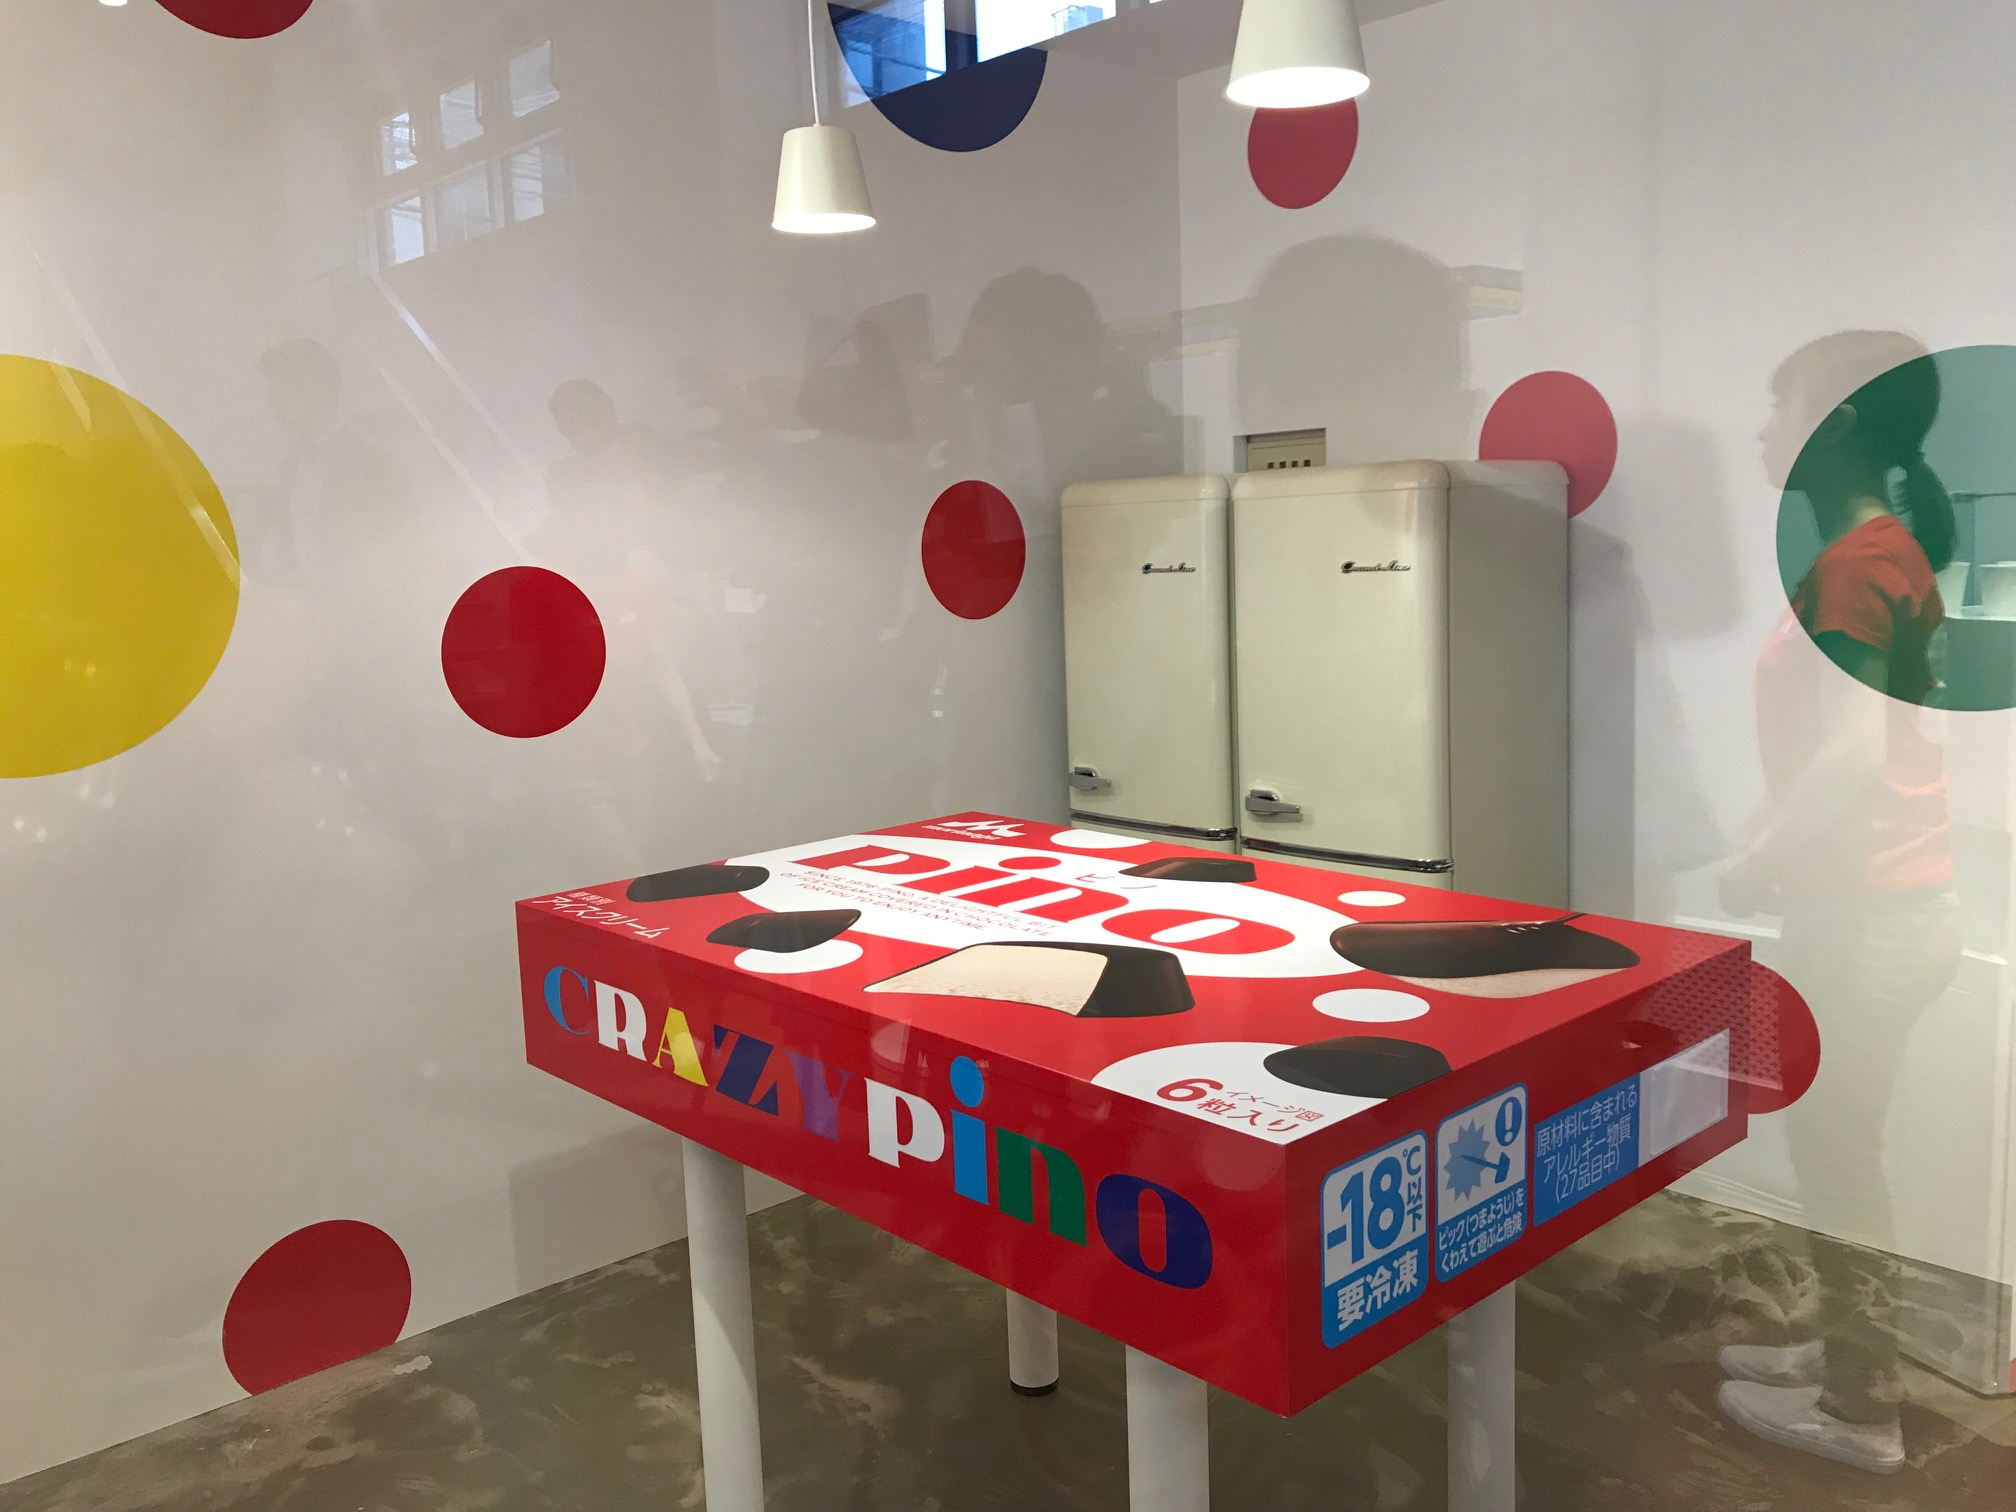 タピオカと「ピノ」を一緒に食べる!? 「ピノ」の未知の美味しさを楽しむ「CRAZYpino STUDIO」Photo Gallery_1_16